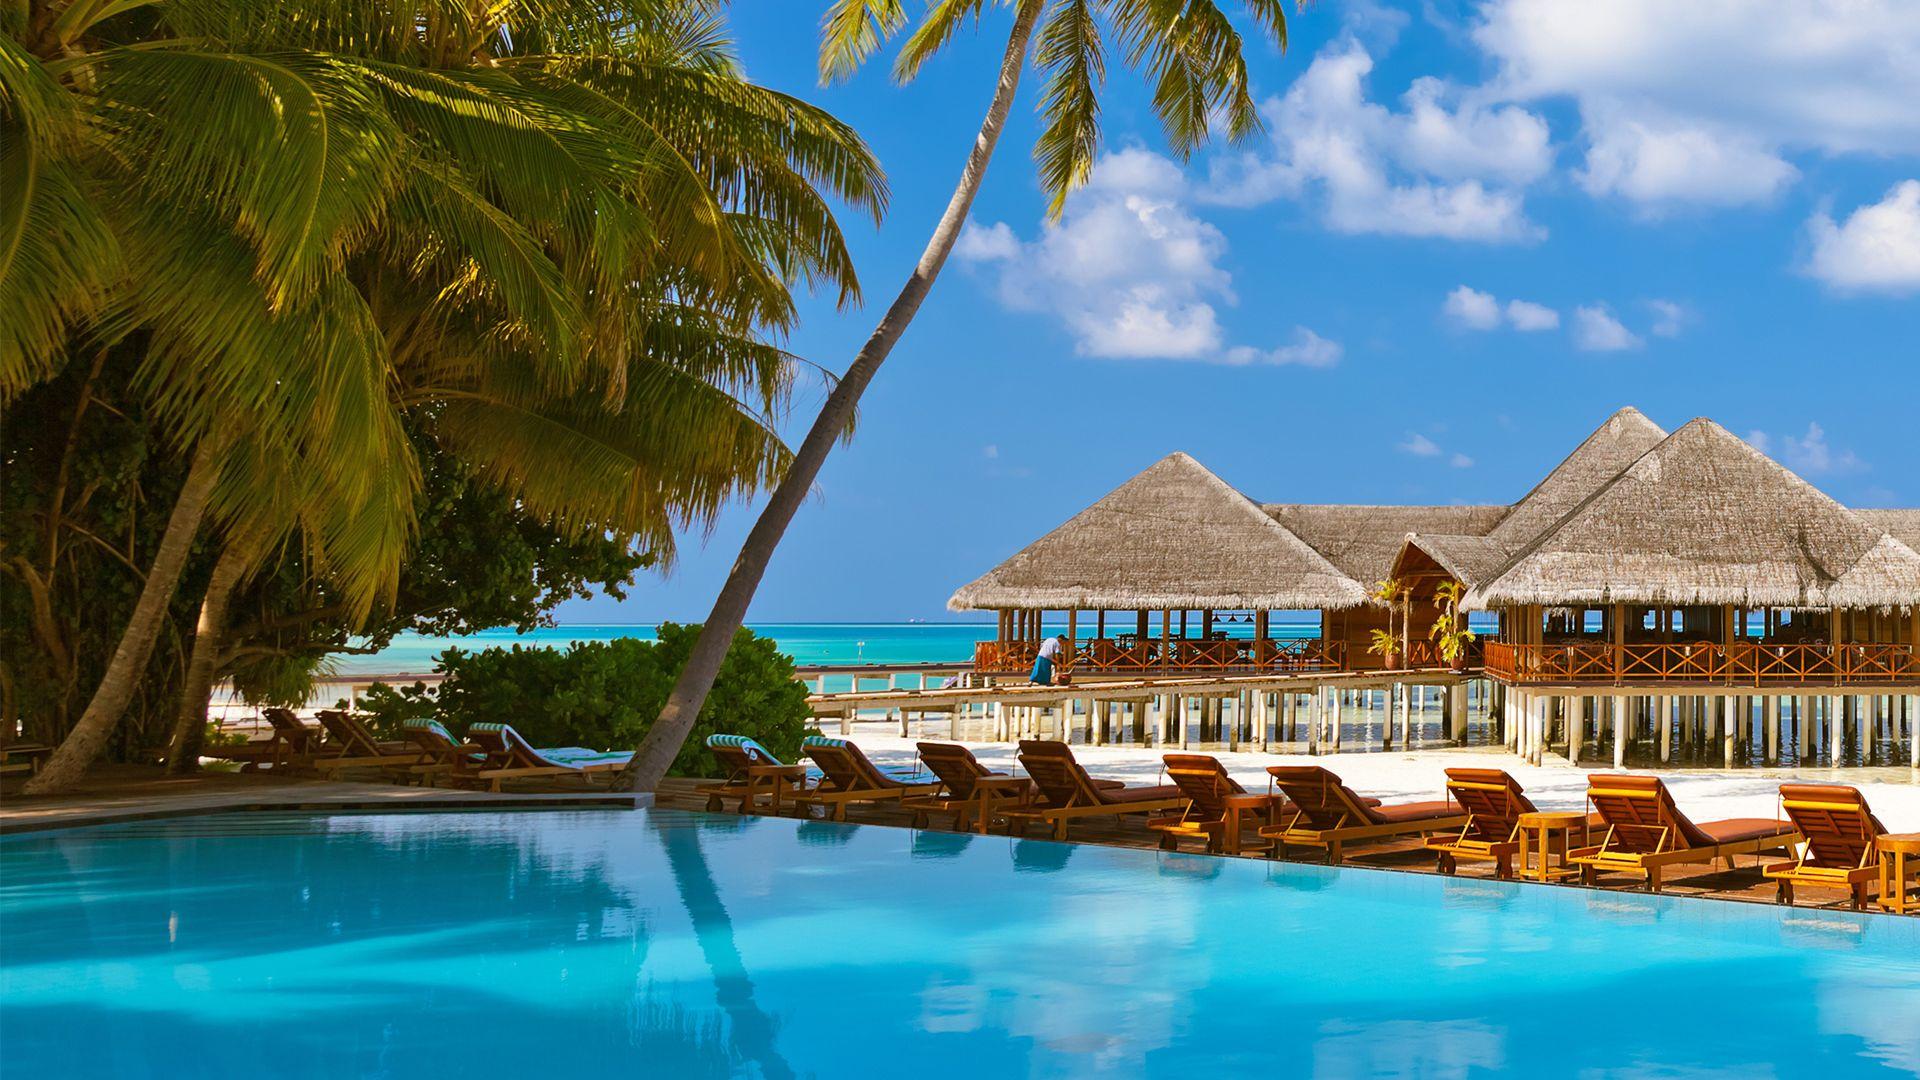 Sejur plaja Maldive, 10 zile - februarie 2022